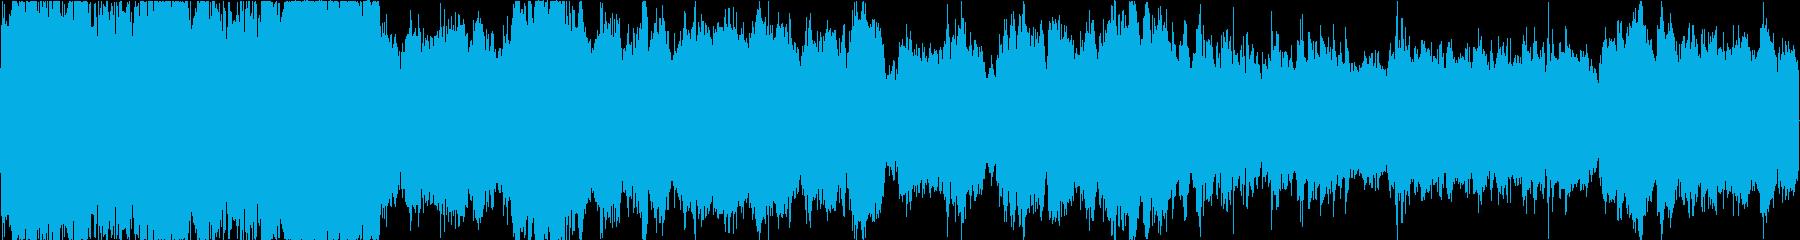 雄大な雰囲気のフィールド向けBGMの再生済みの波形